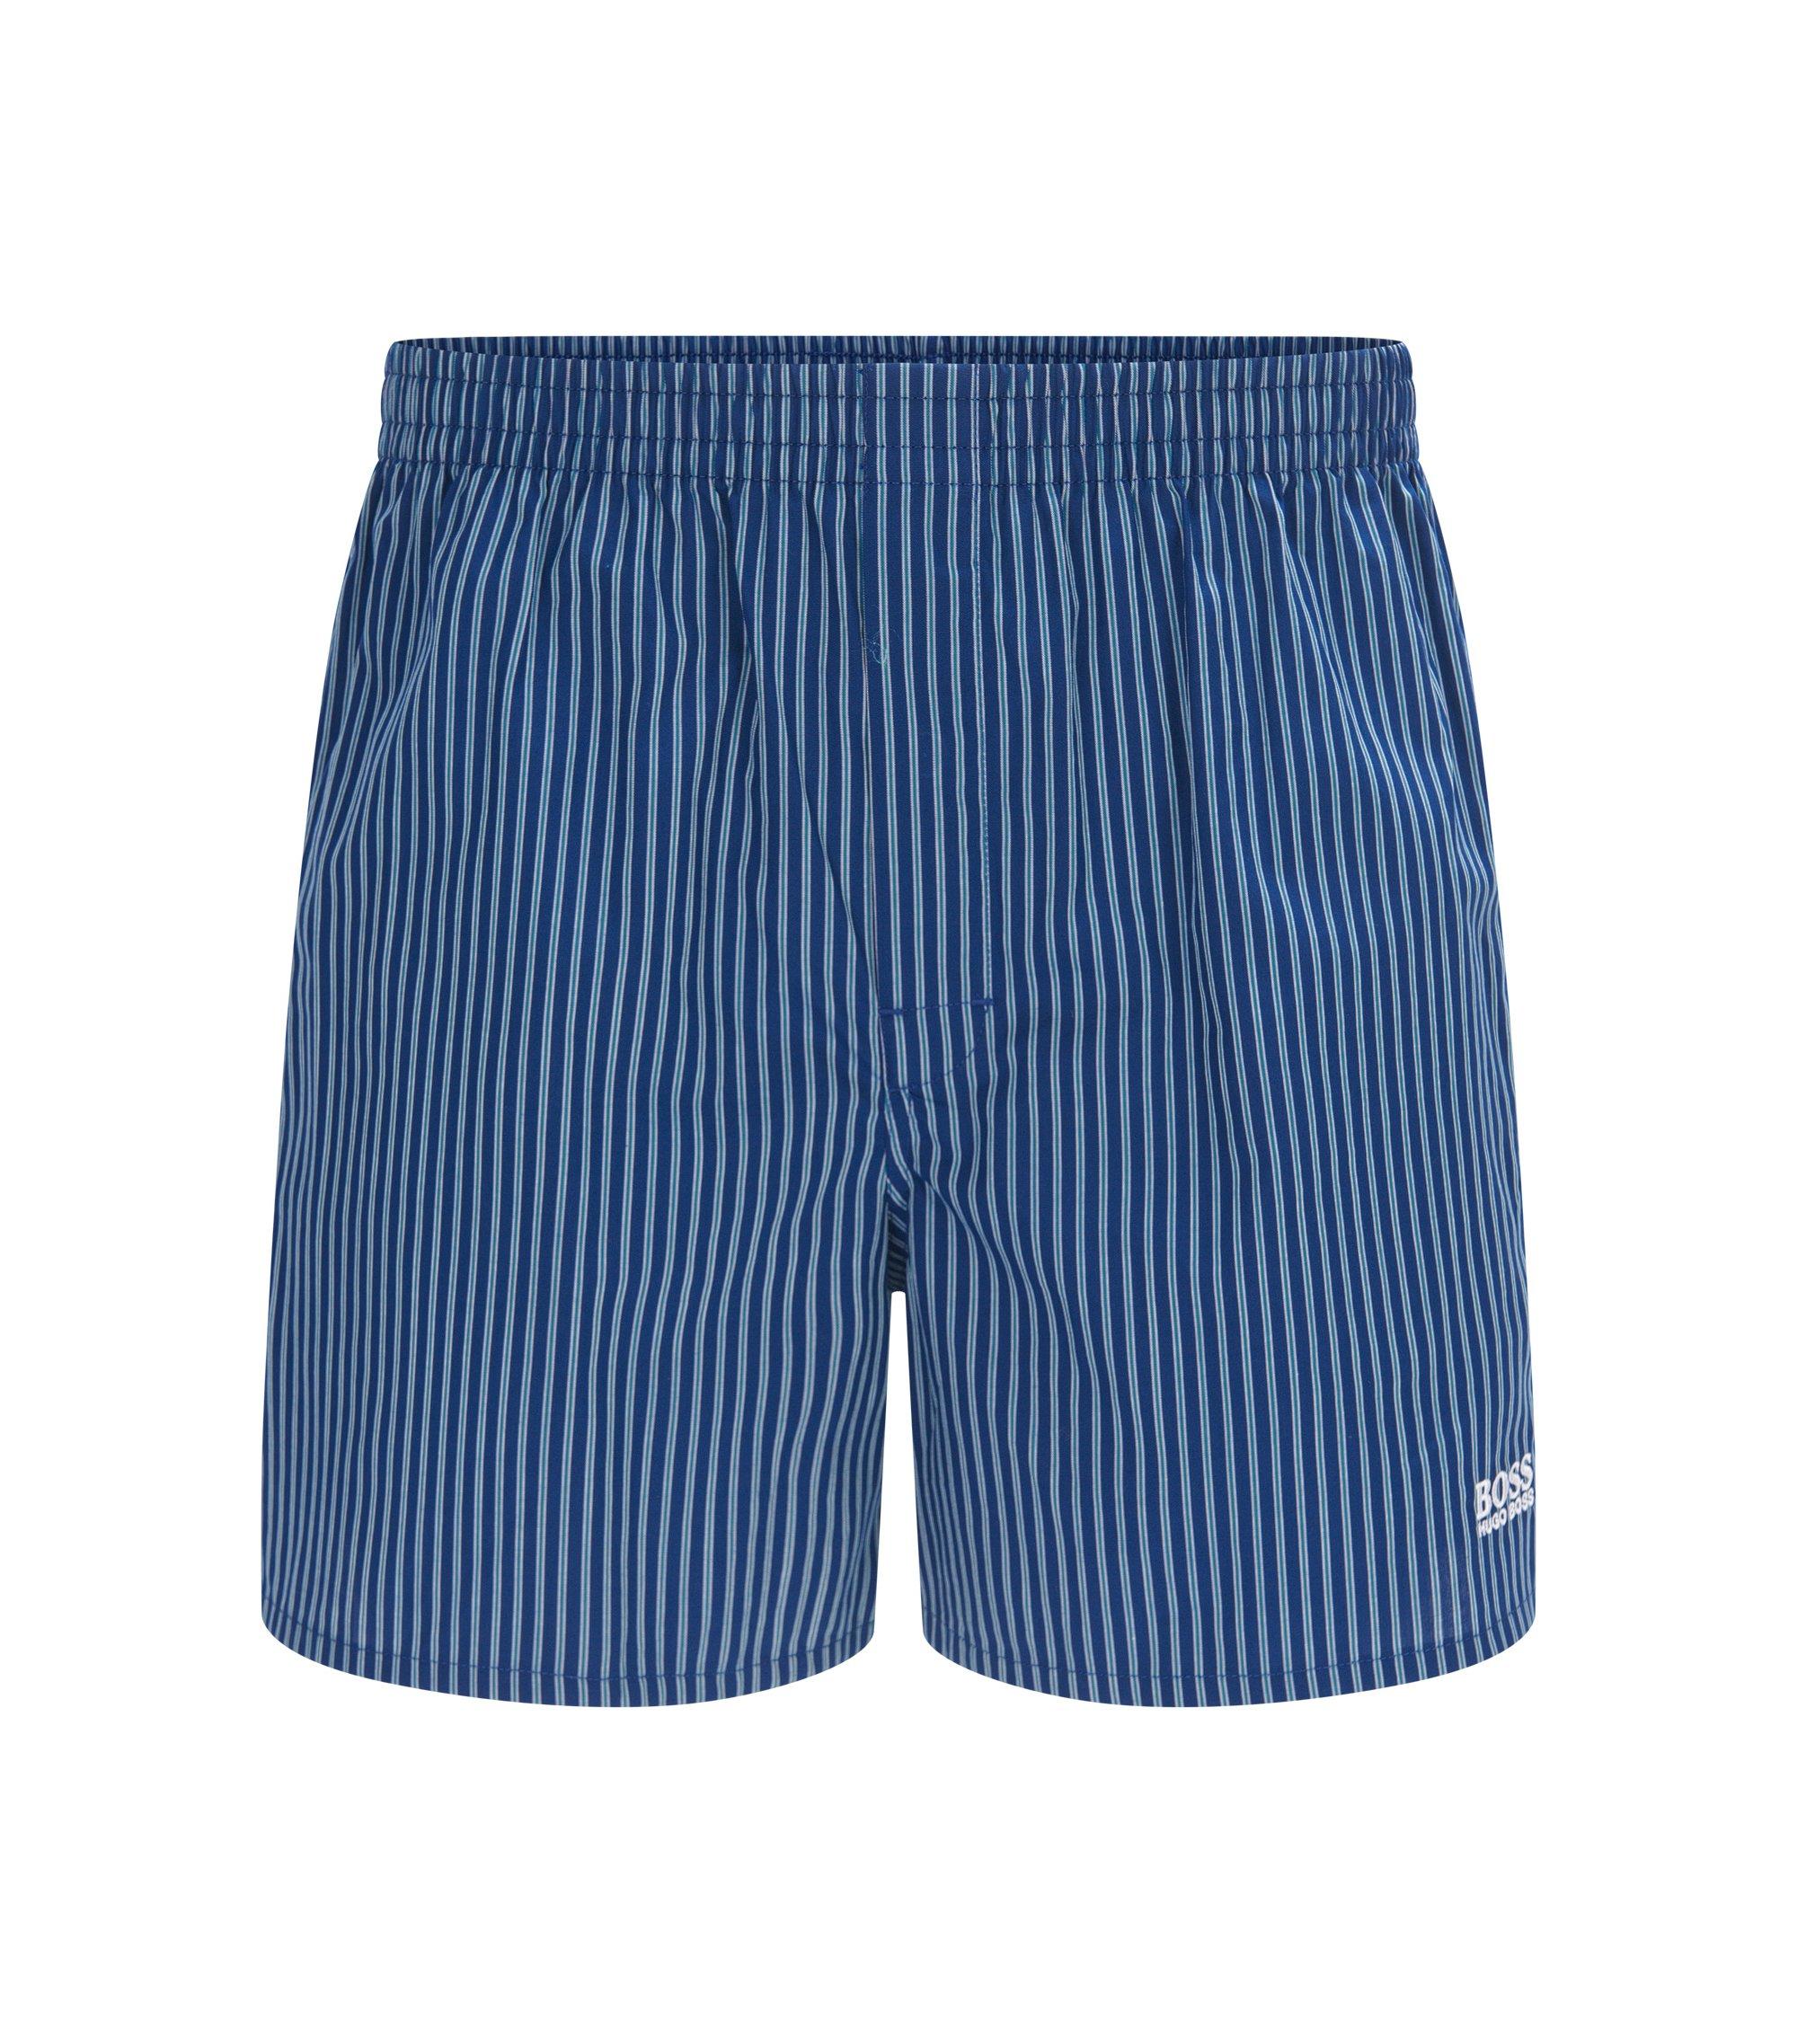 Boxershort van katoen met verticale strepen, Donkerblauw